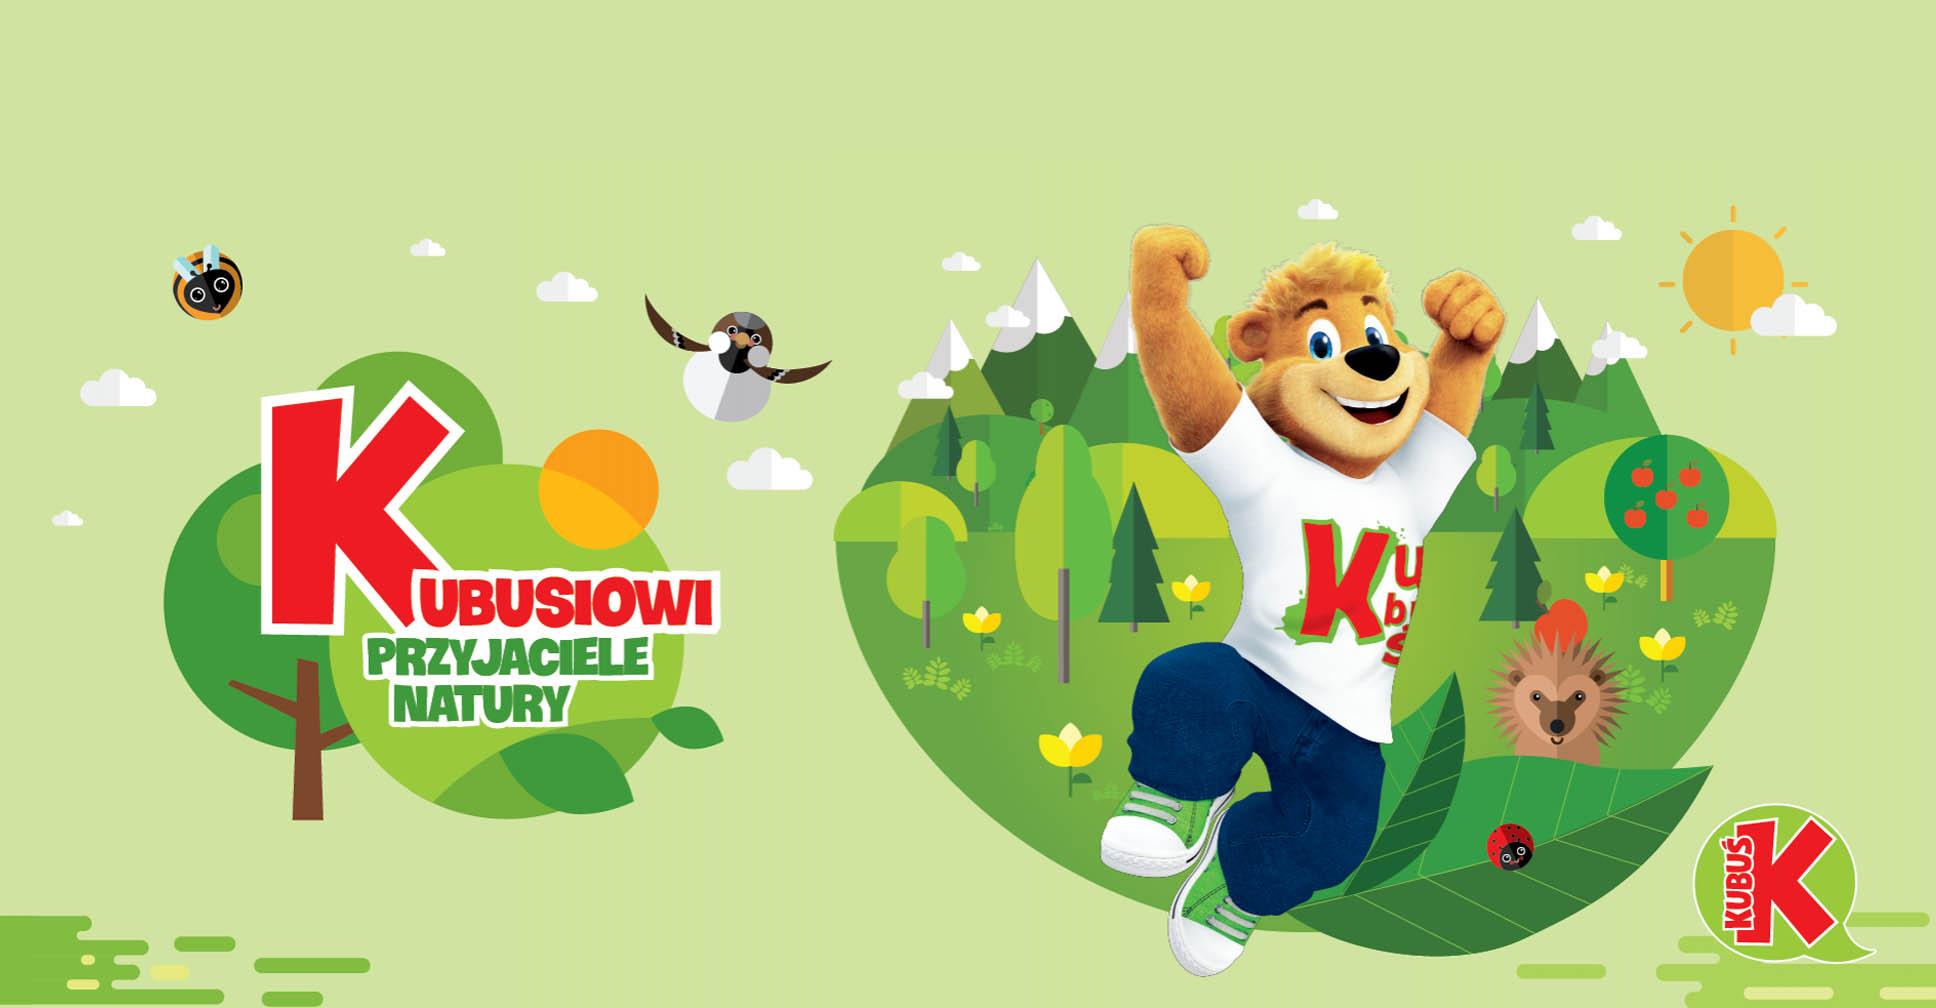 Kubusiowi Przyjaciele Natury 2018-19